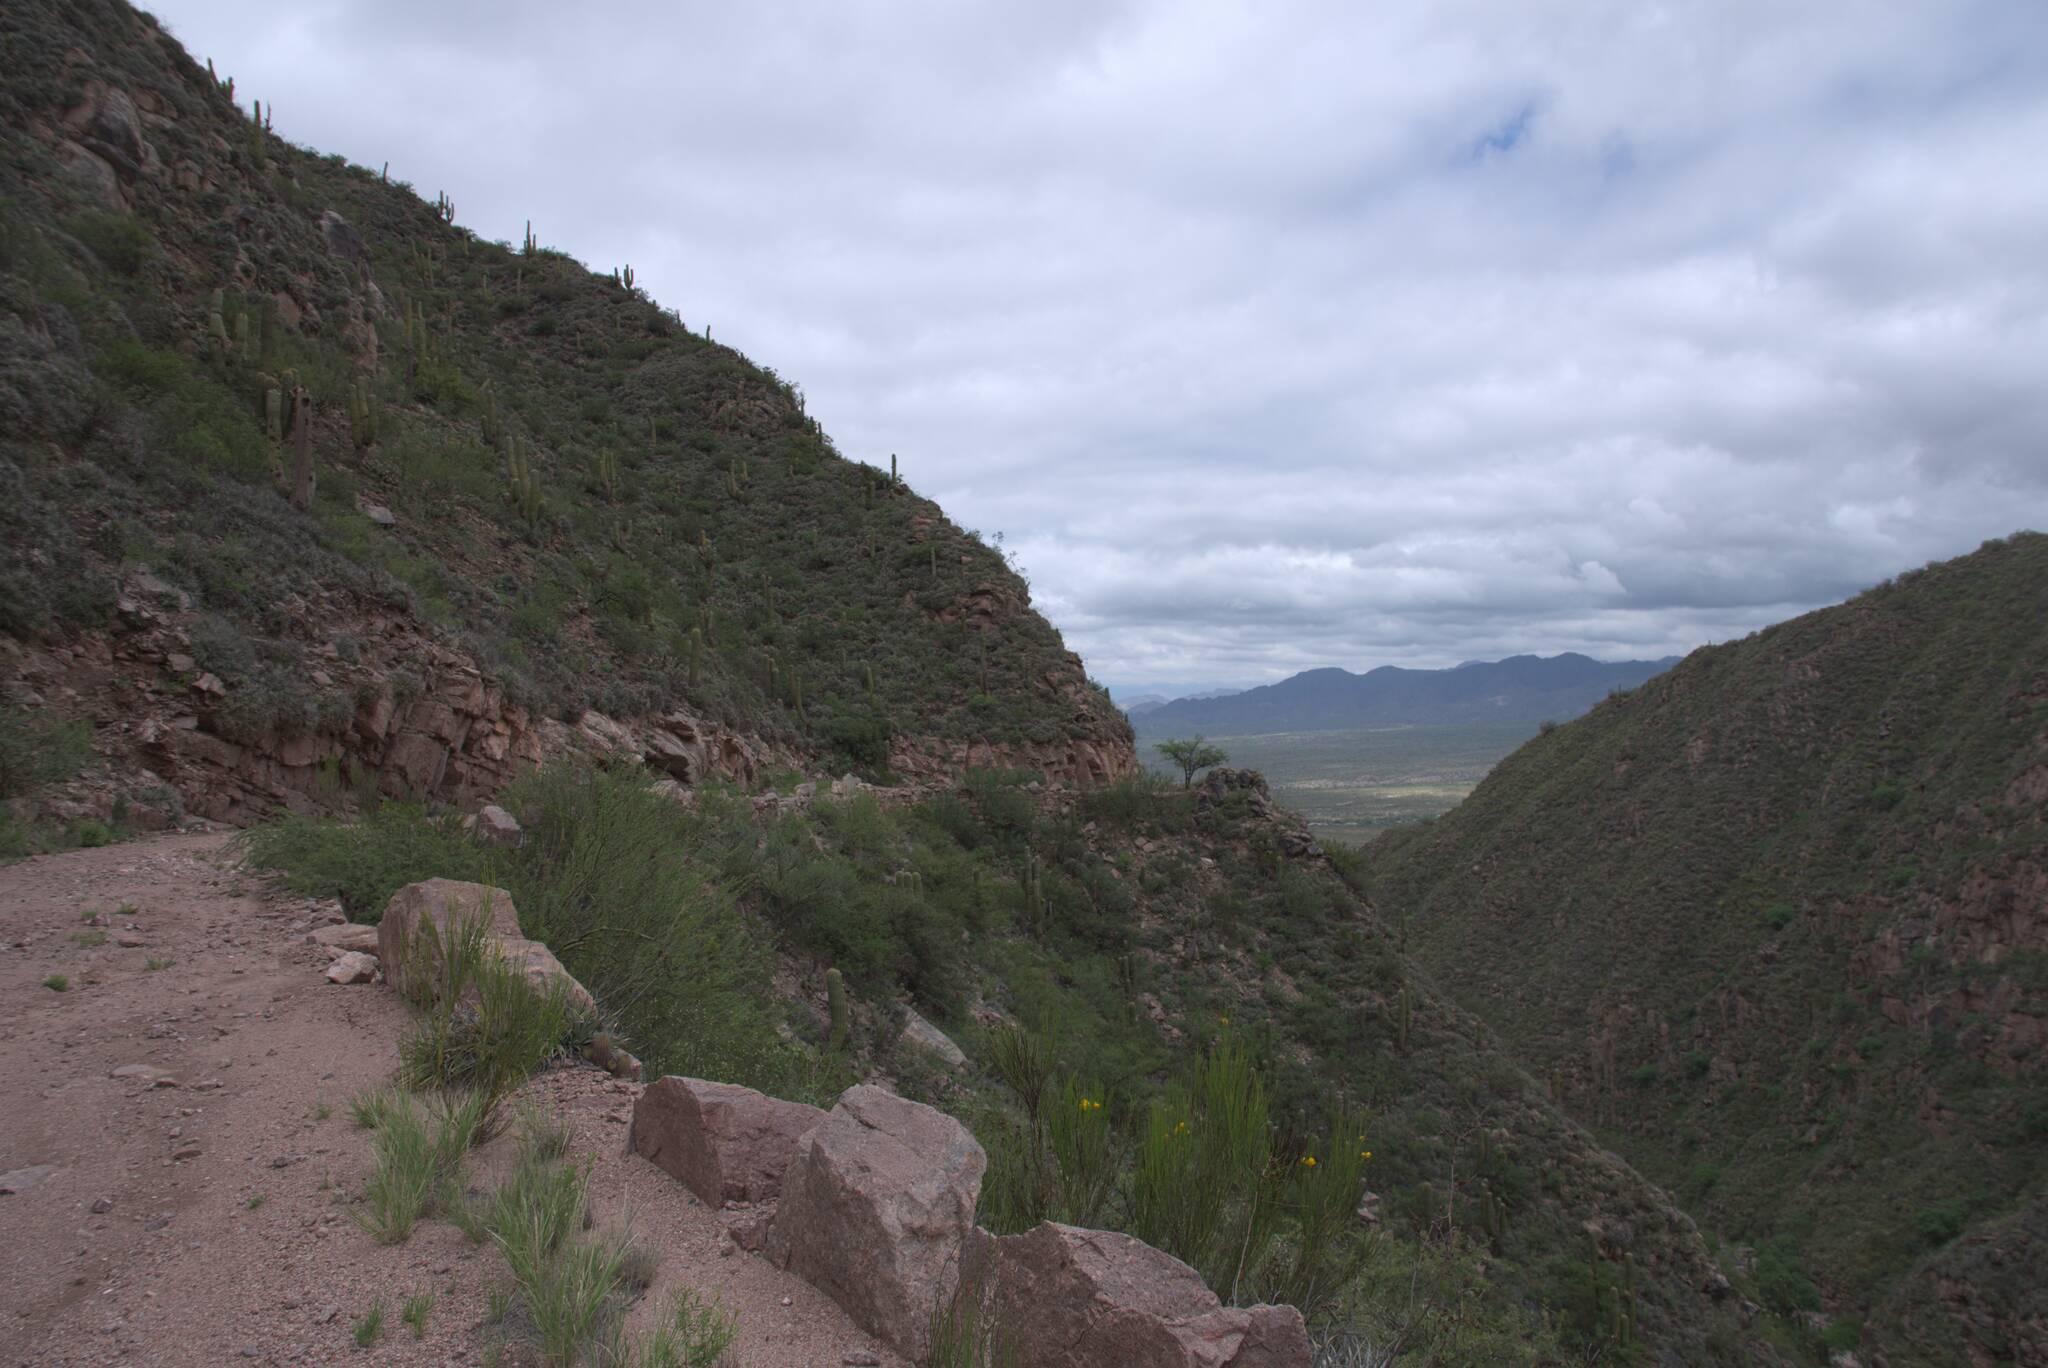 Cuesta de Zapata, parę lat temu ktoś się tu stoczył w dół terenówką